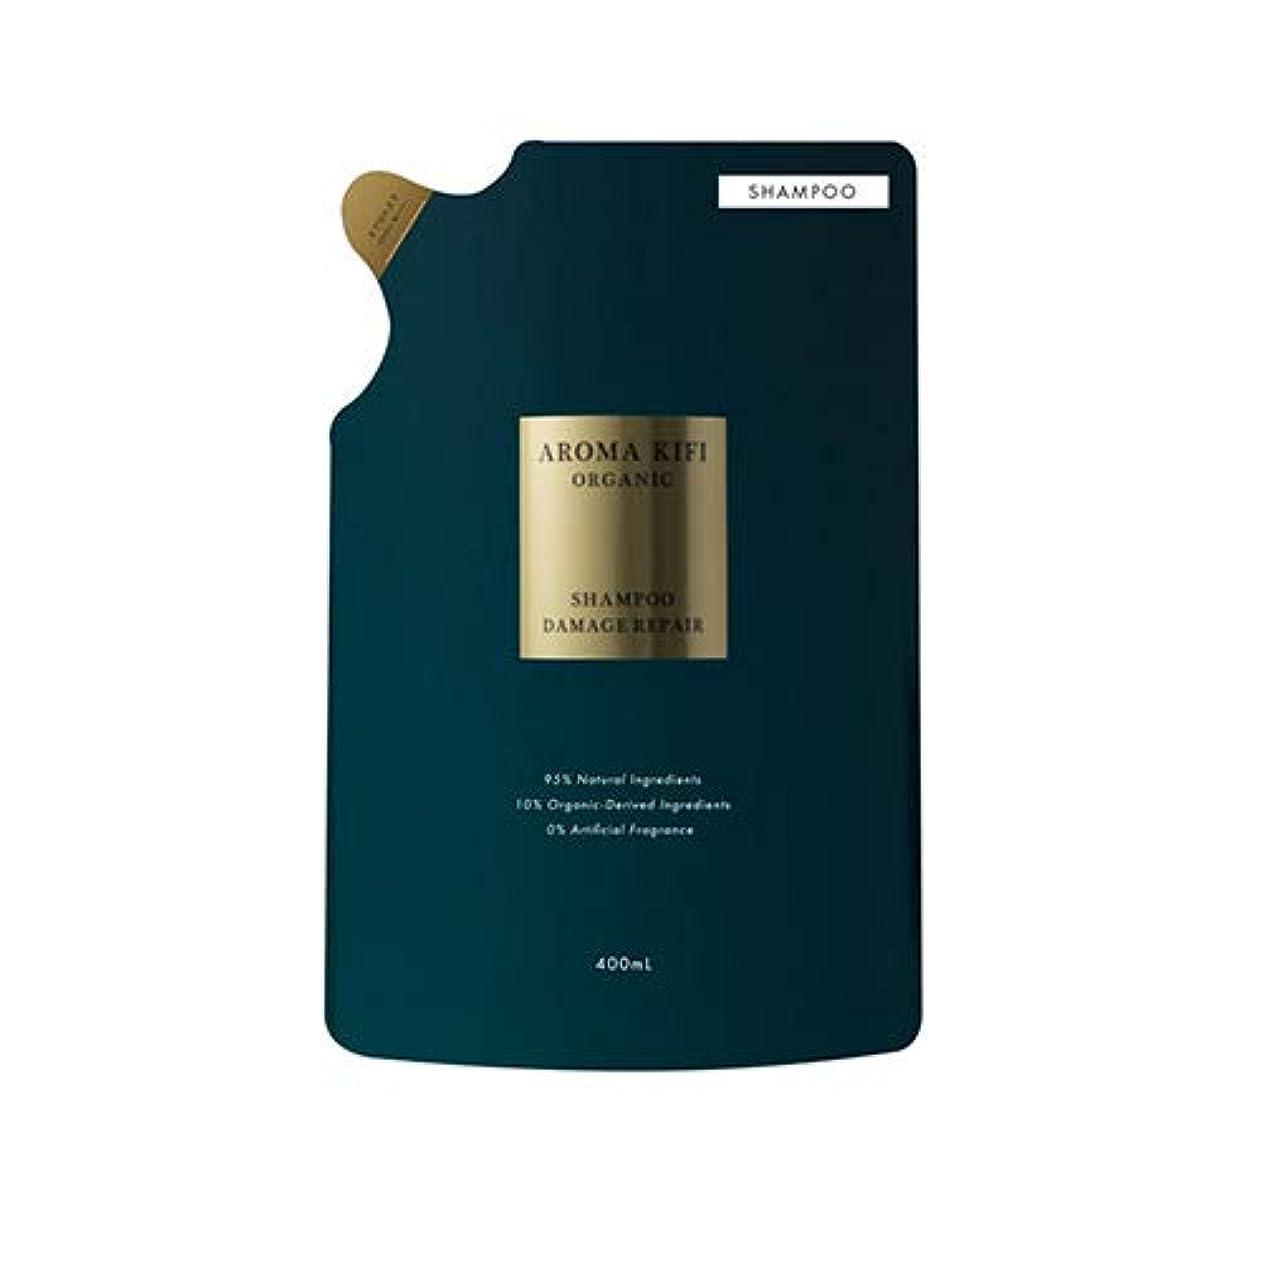 偏差増強依存するアロマキフィ オーガニック シャンプー 詰替え 400ml 【ダメージリペア】サロン品質 ノンシリコン 無添加 アロマティックローズの香り